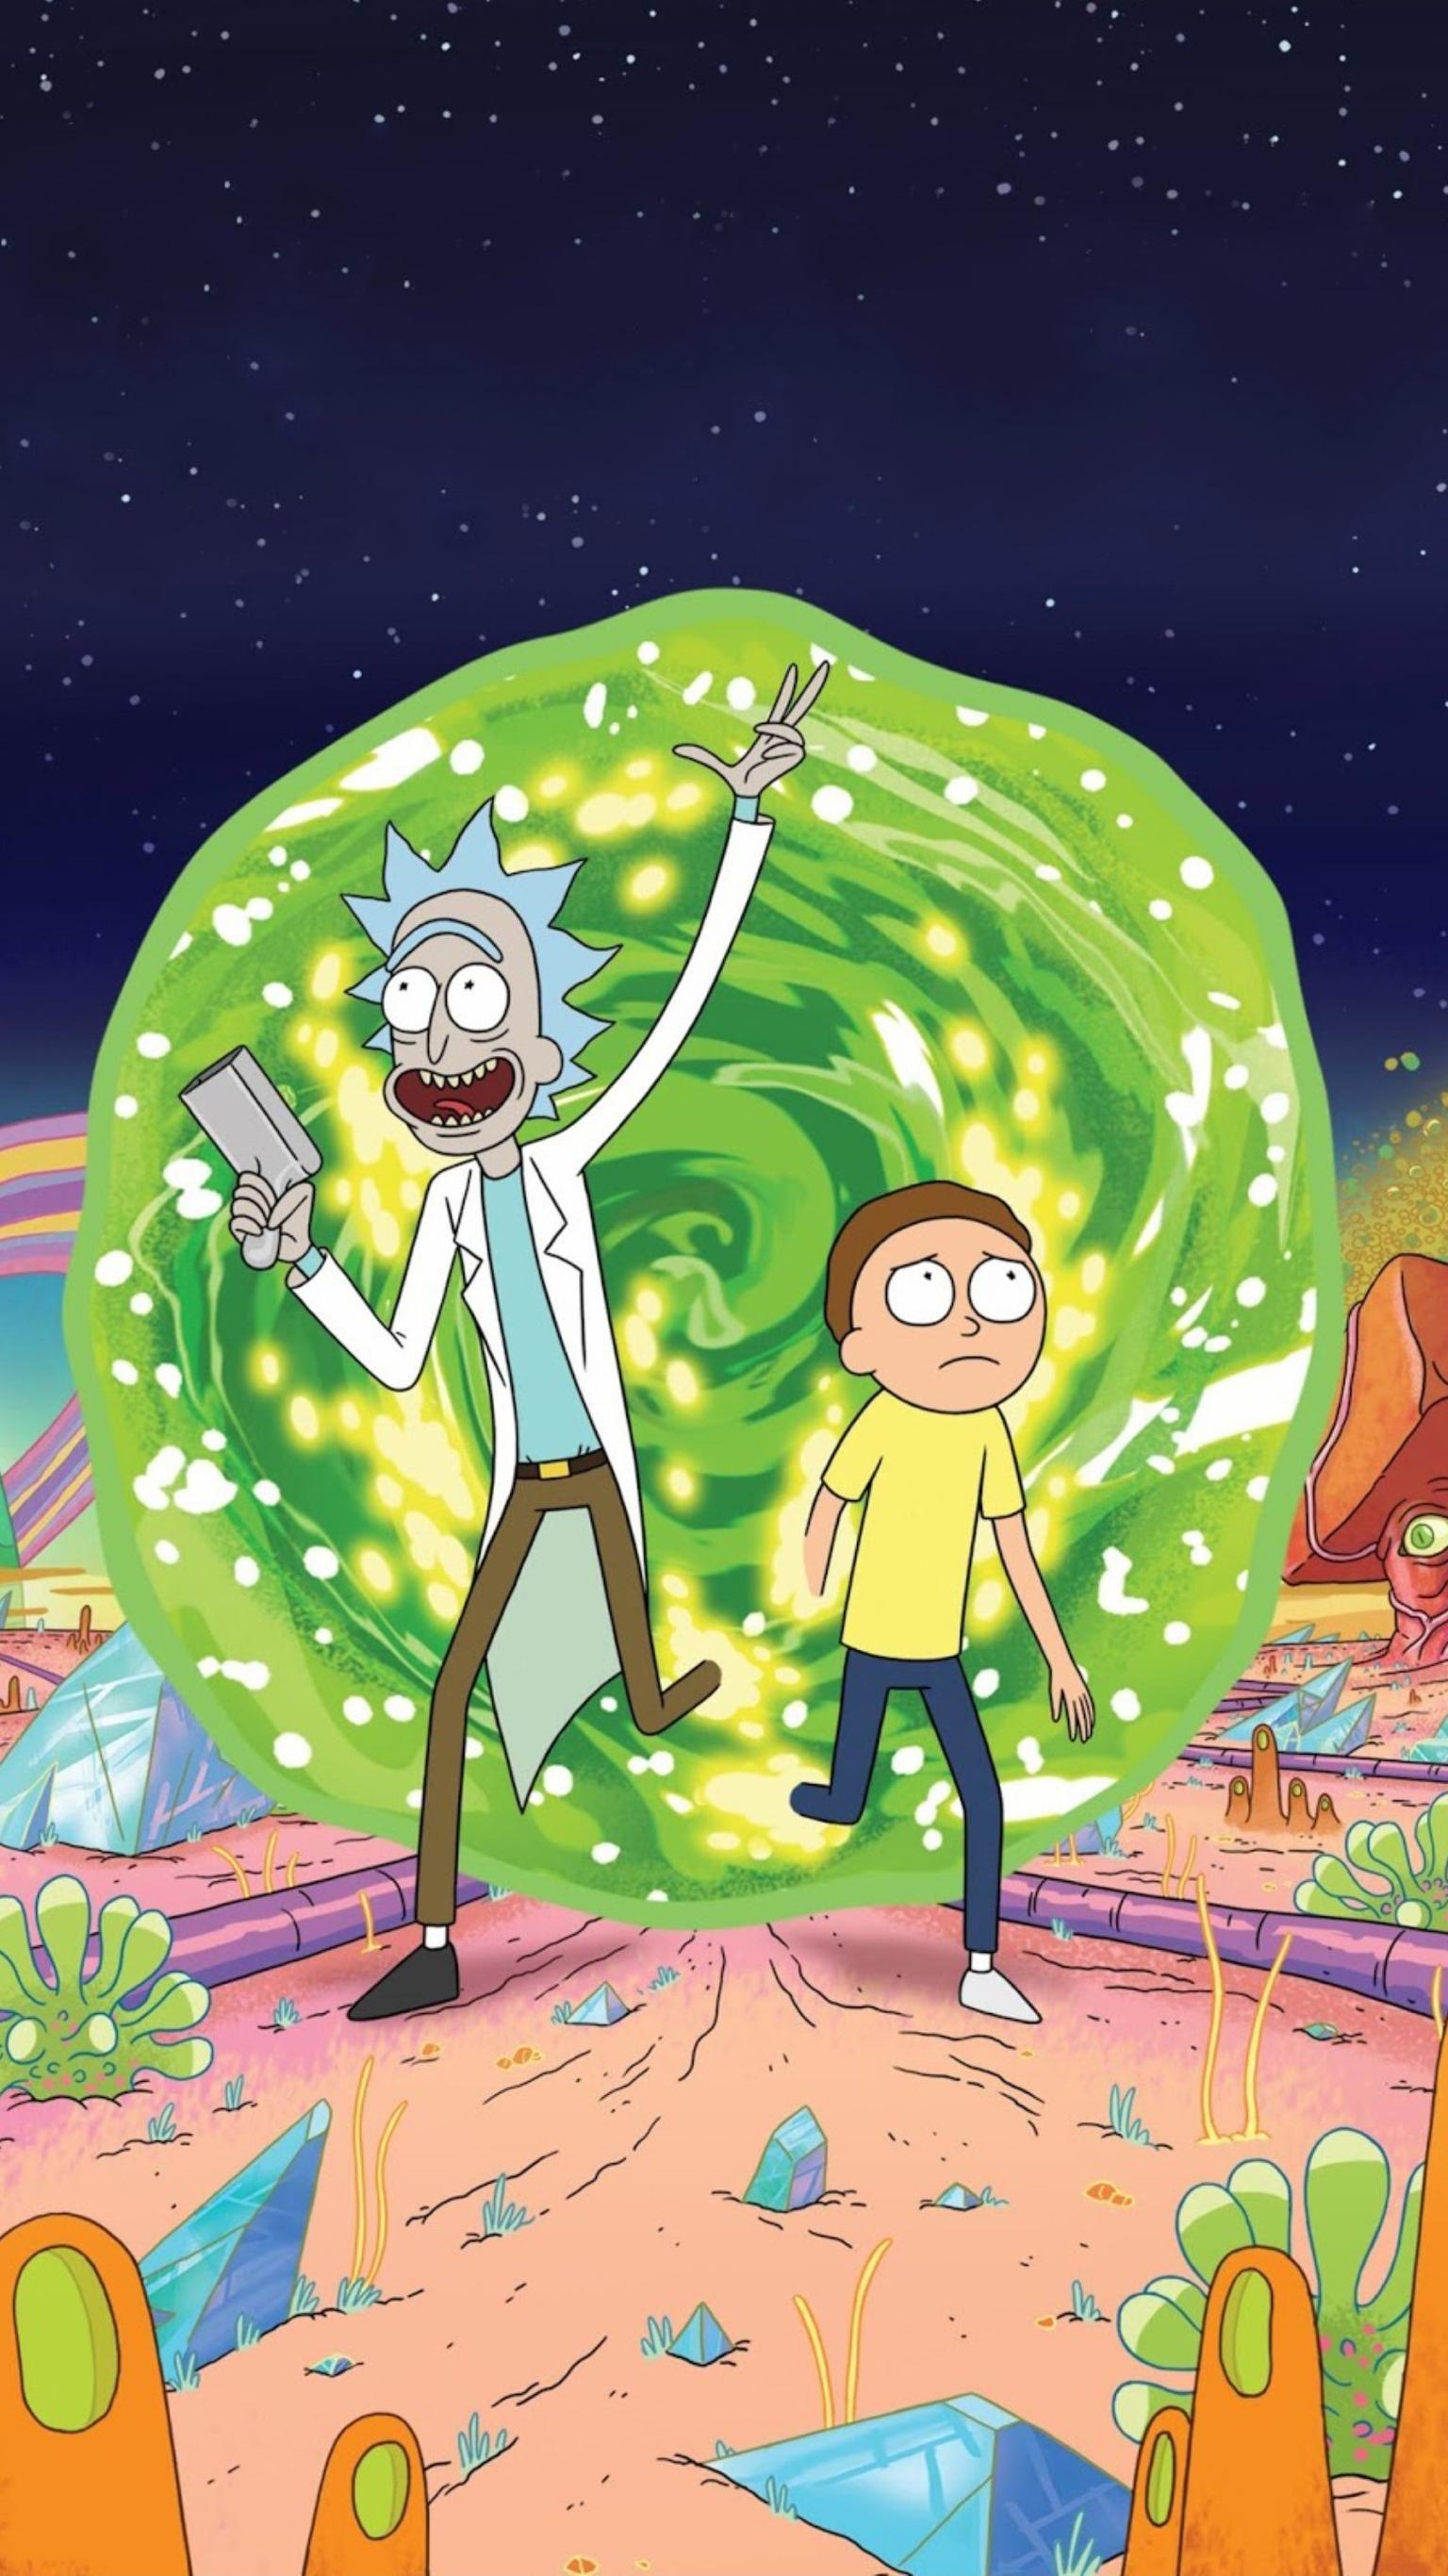 Rick And Morty Phone Wallpaper Wallpaper De Desenhos Animados Papeis De Parede Psicodelicos Imagem De Fundo Para Iphone